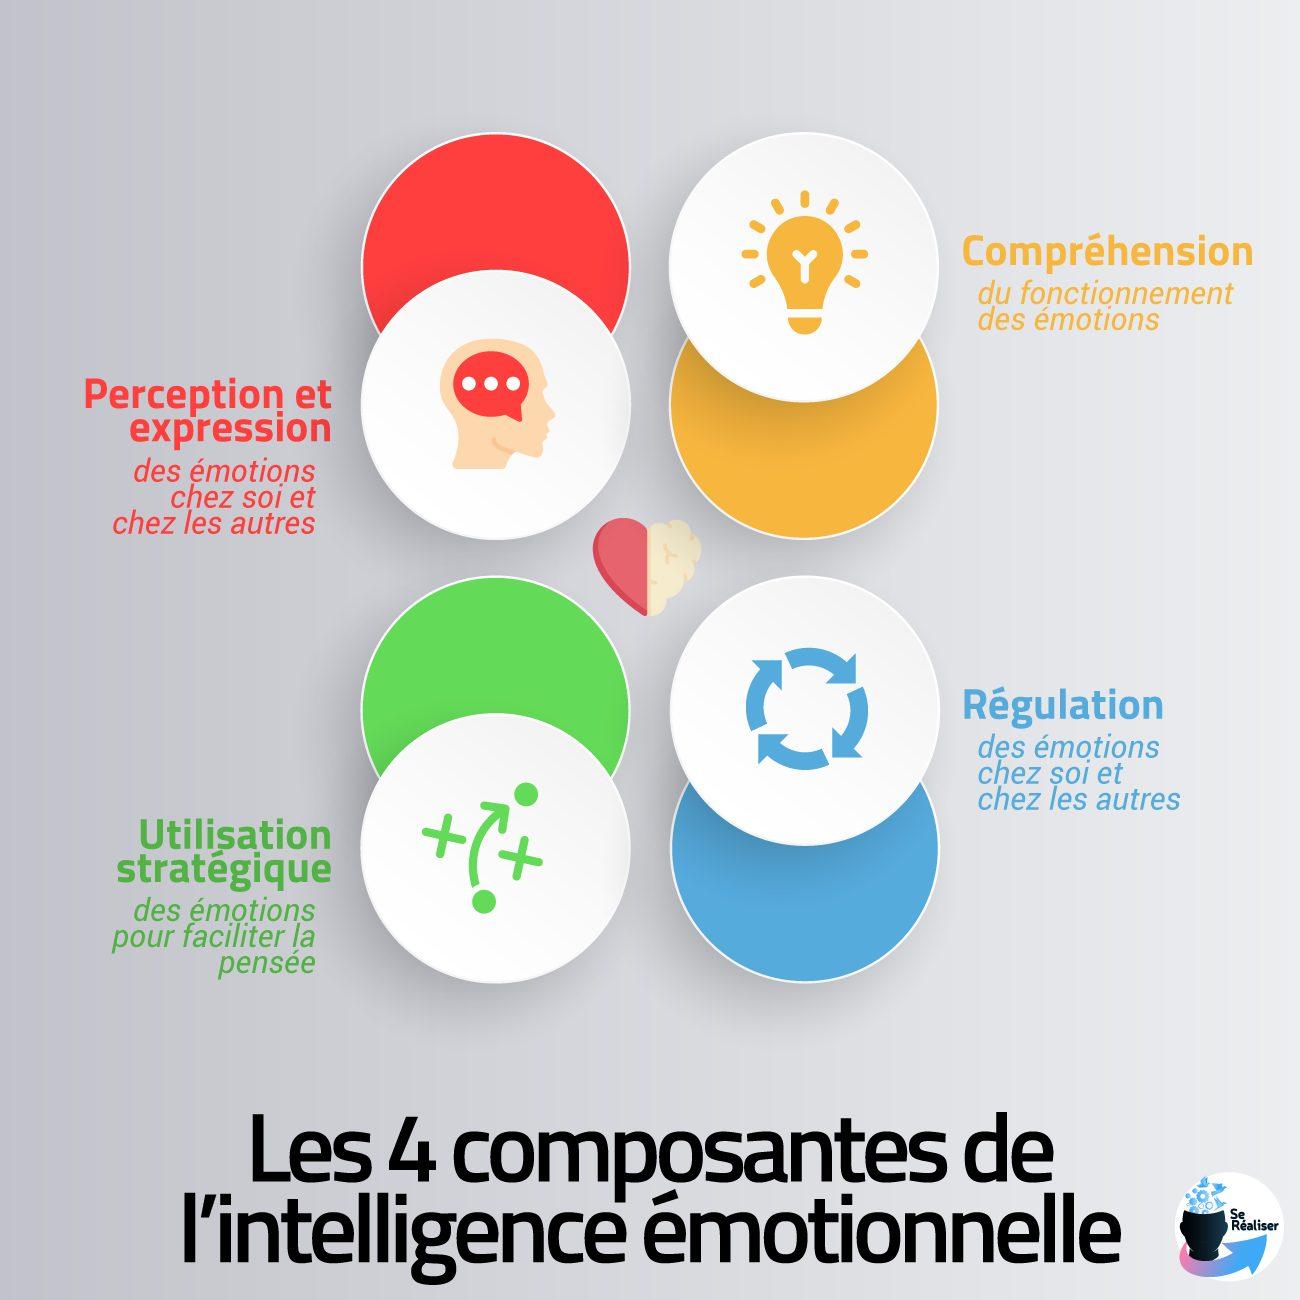 Les 4 composantes de l'intelligence émotionnelle selon Salovey et Mayer